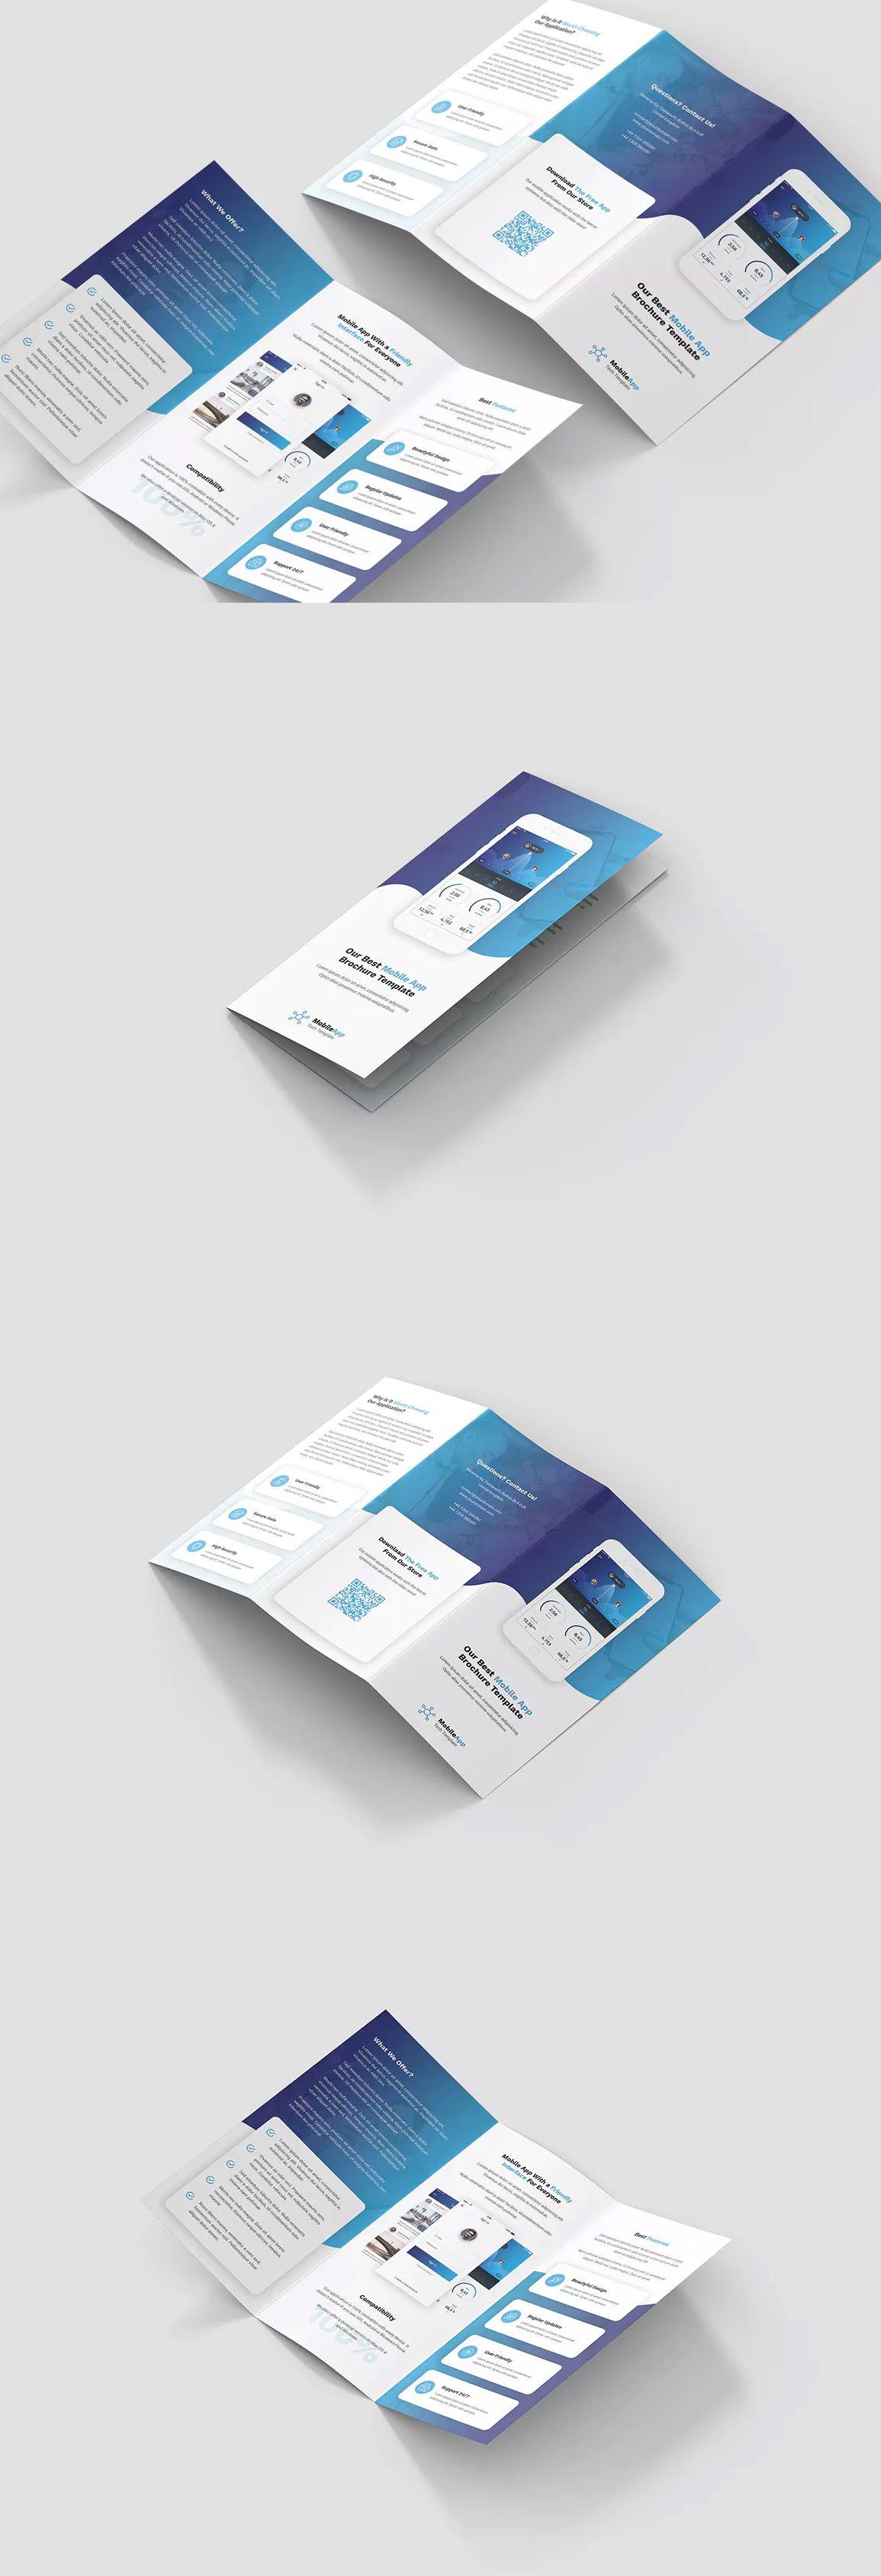 Mobile App Tri Fold Brochure Template Psd Trifold Brochure Template Trifold Brochure Print Design Brochure A4 tri fold brochure template